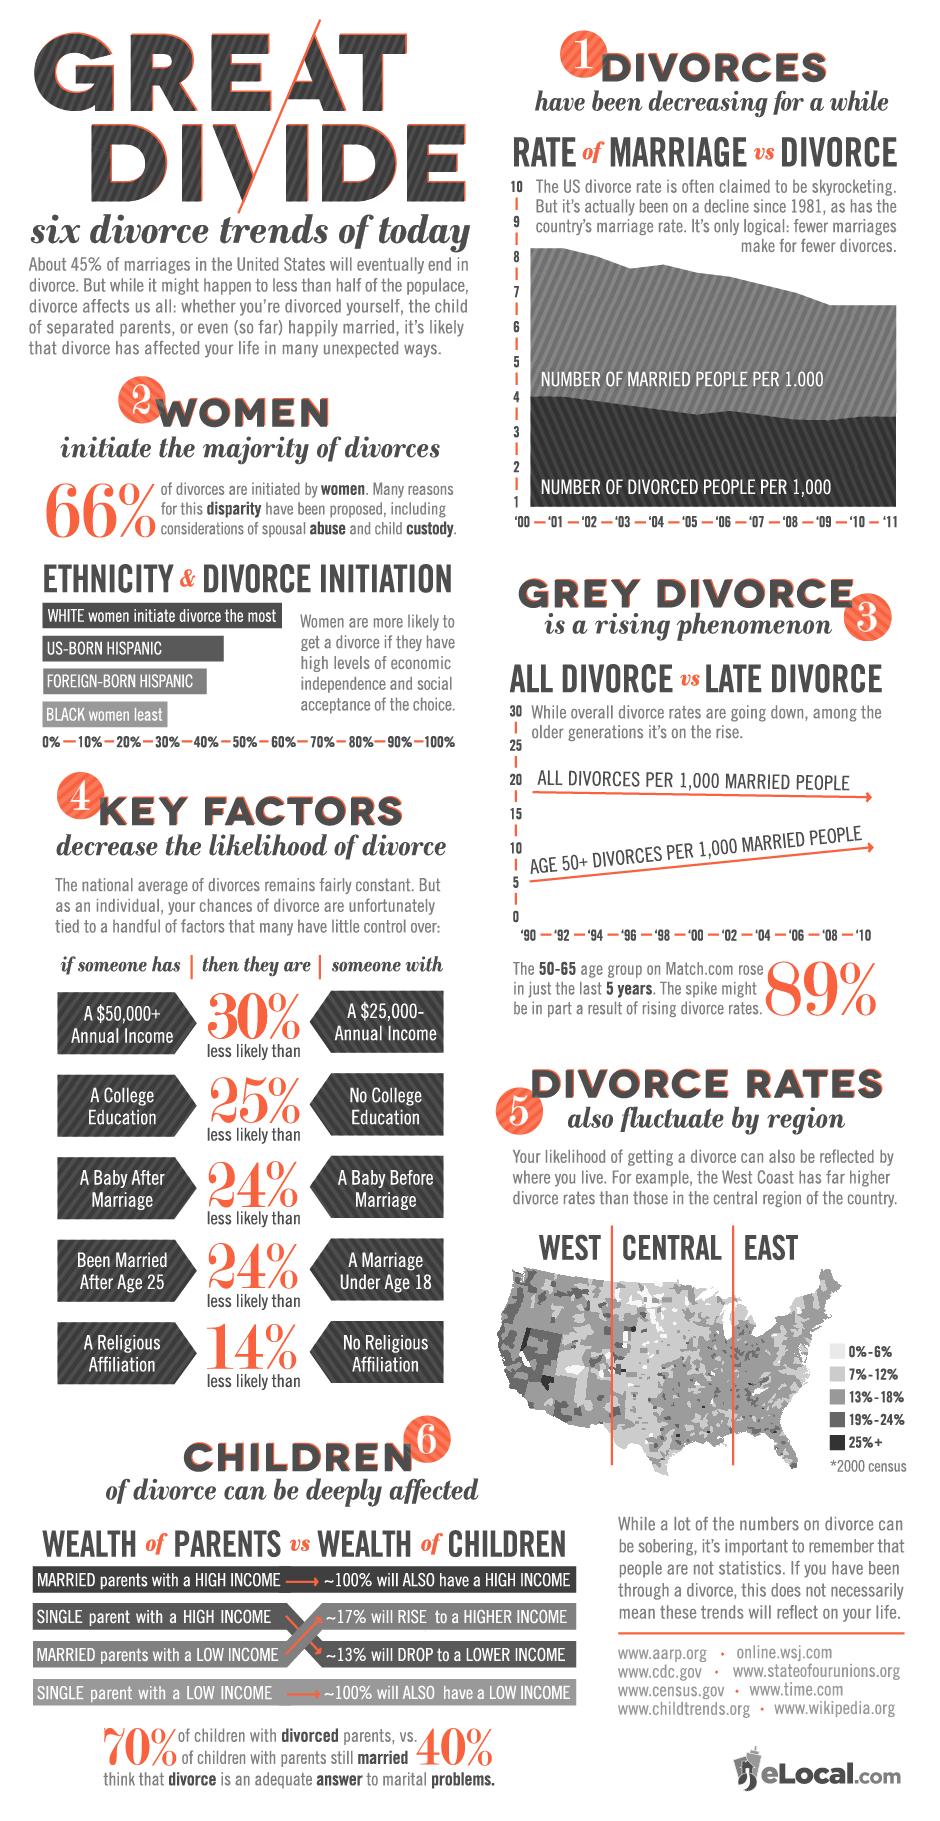 6 divorce trends of today